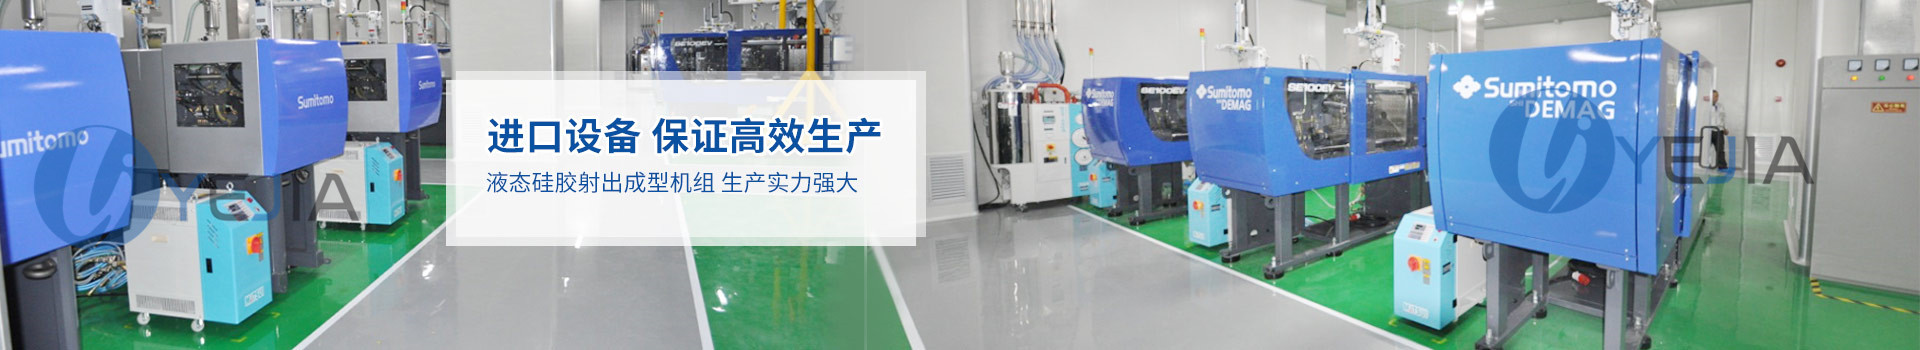 烨嘉光电进口设备 保证高效生产